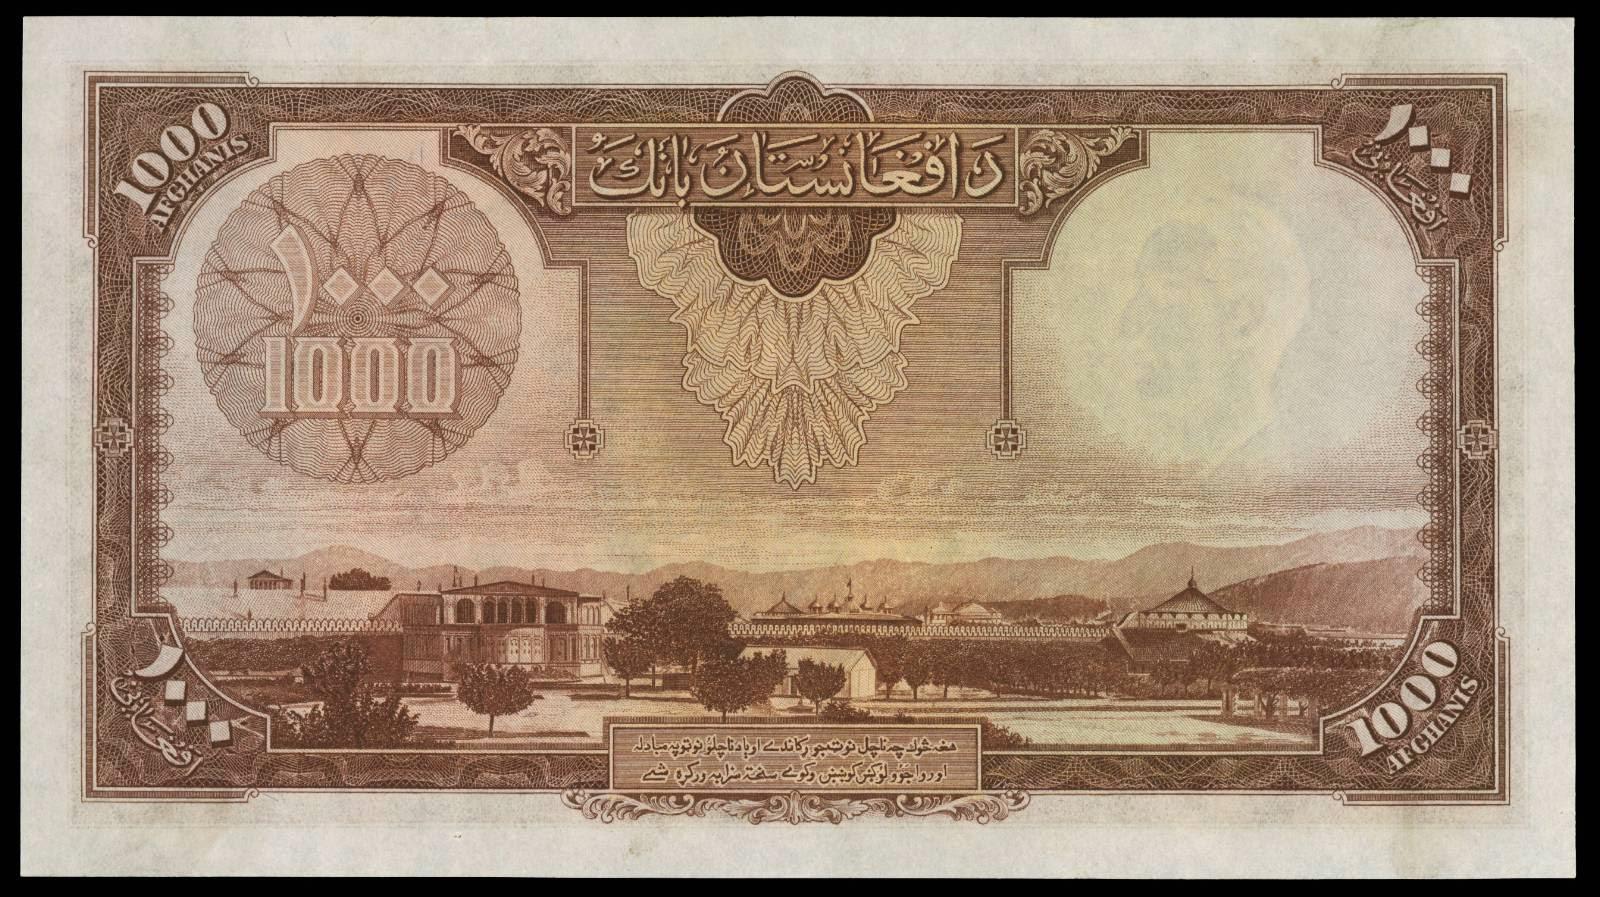 Afghanistan money 1000 Afghanis banknote 1939 Kabul City